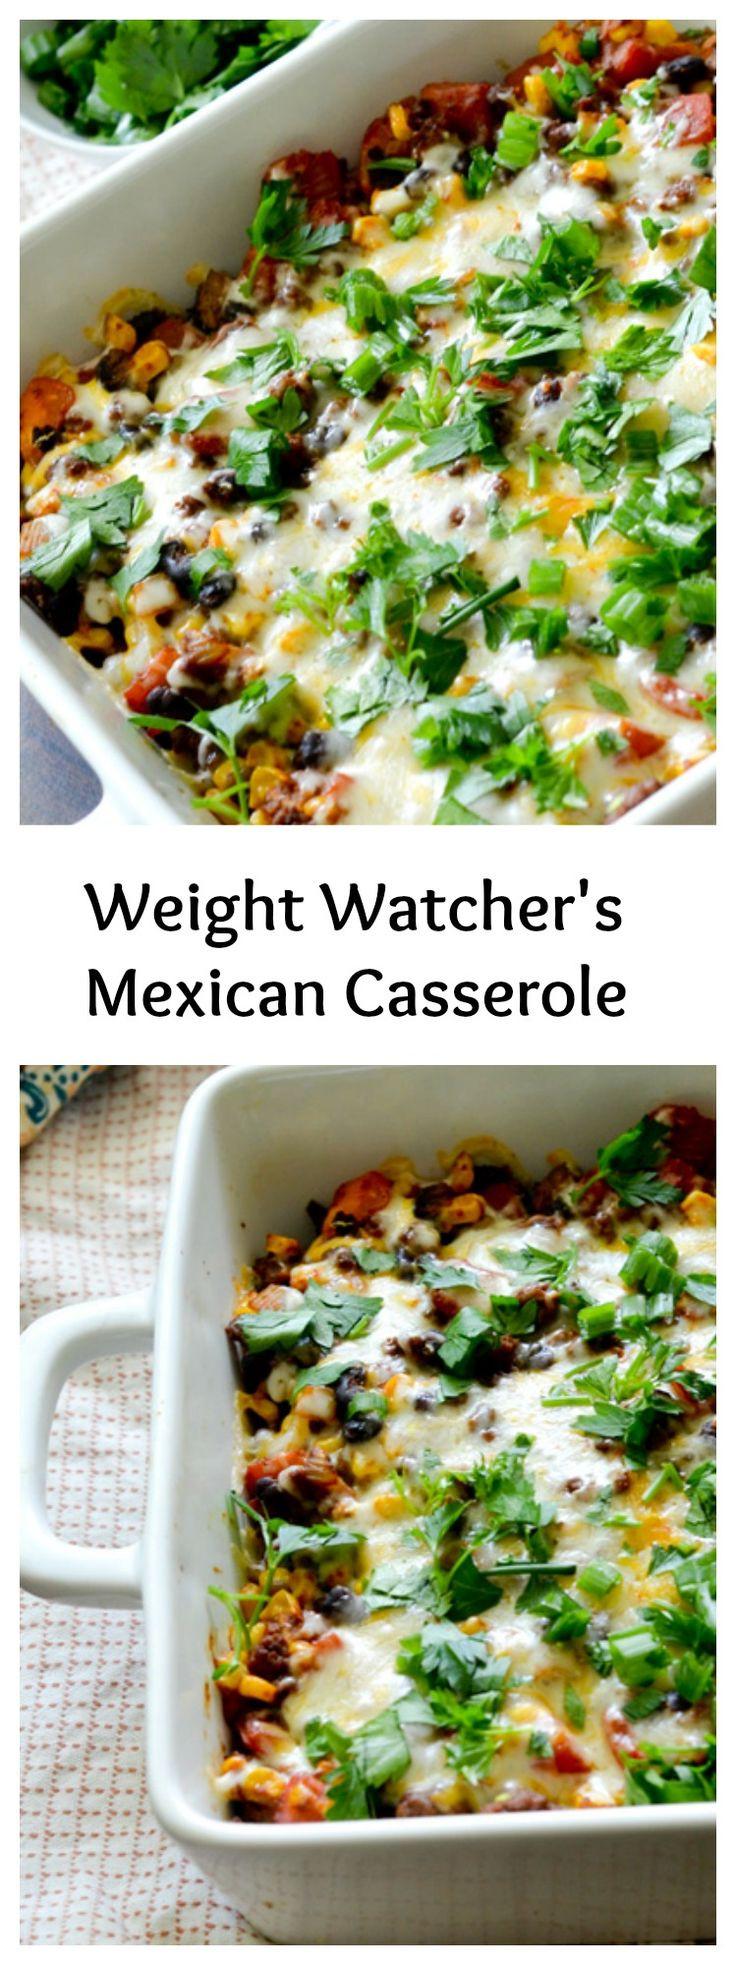 Healthy Beef Casserole  HEALTYFOOD Diet to lose weight Weight Watcher s